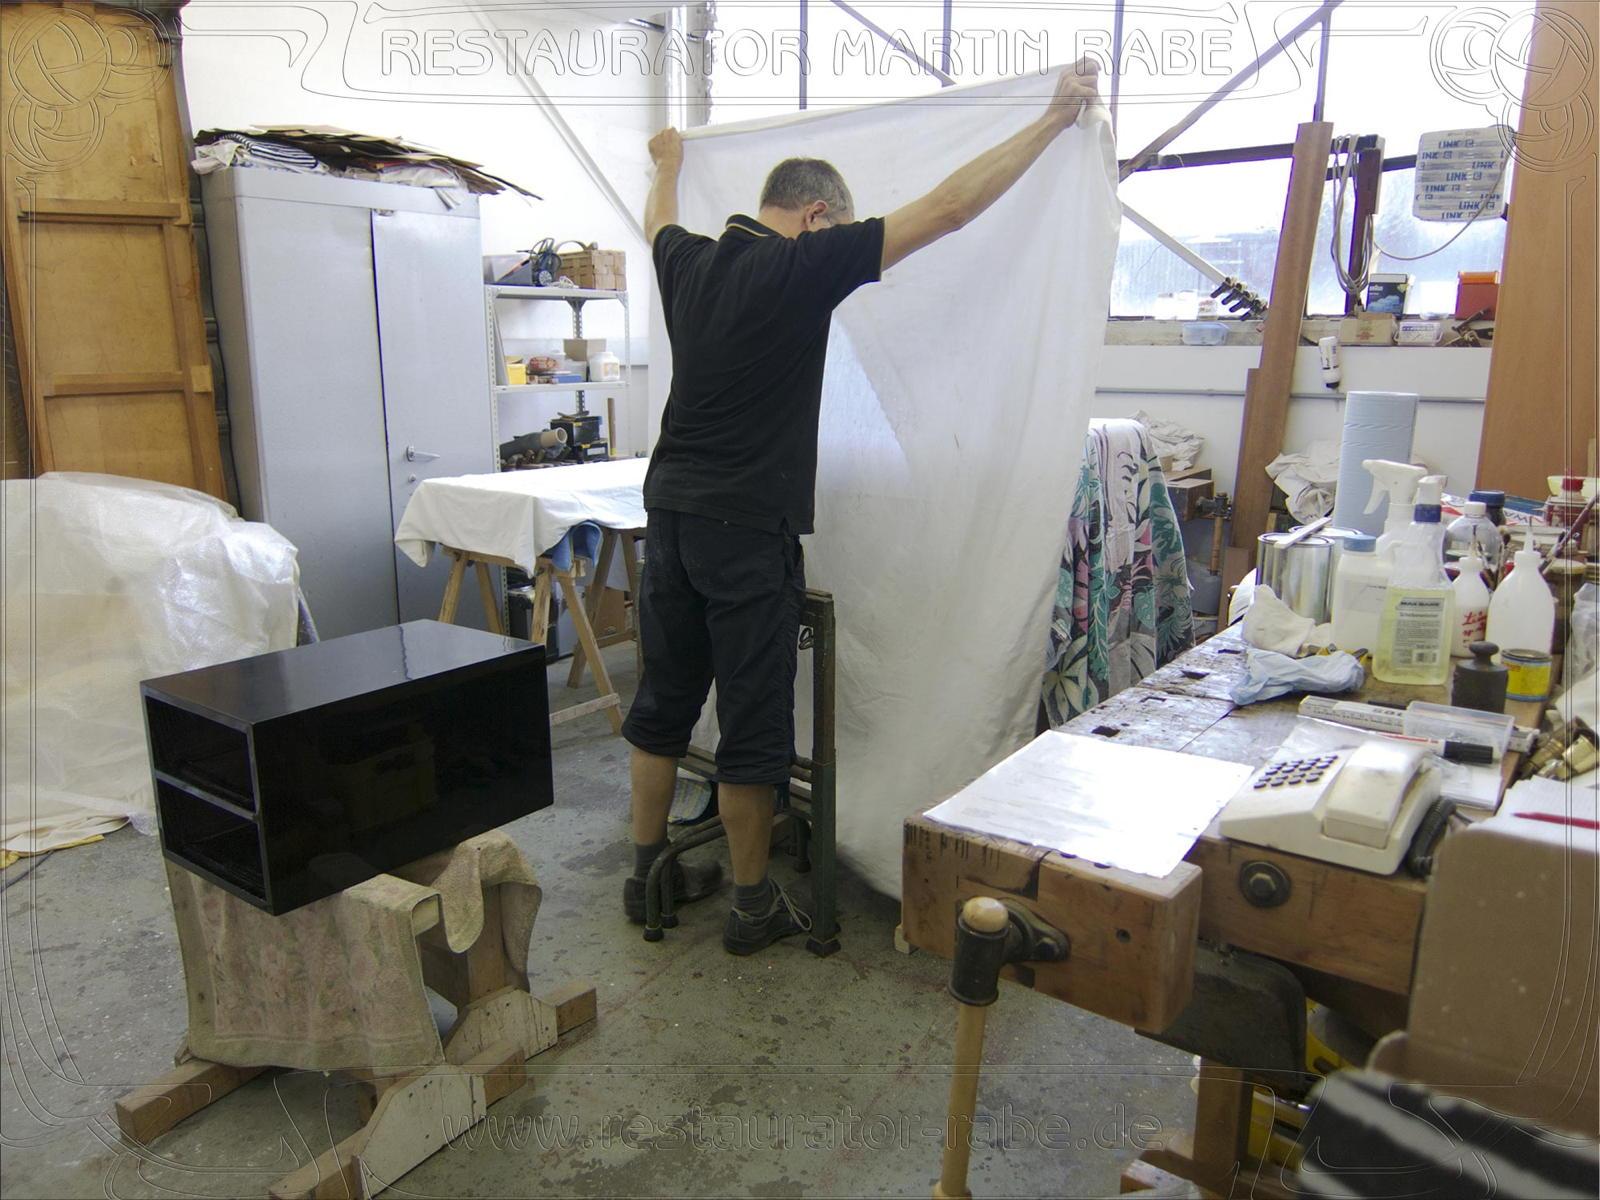 Impressionen Aus Meiner Restaurierungswerkstatt Restaurator Martin